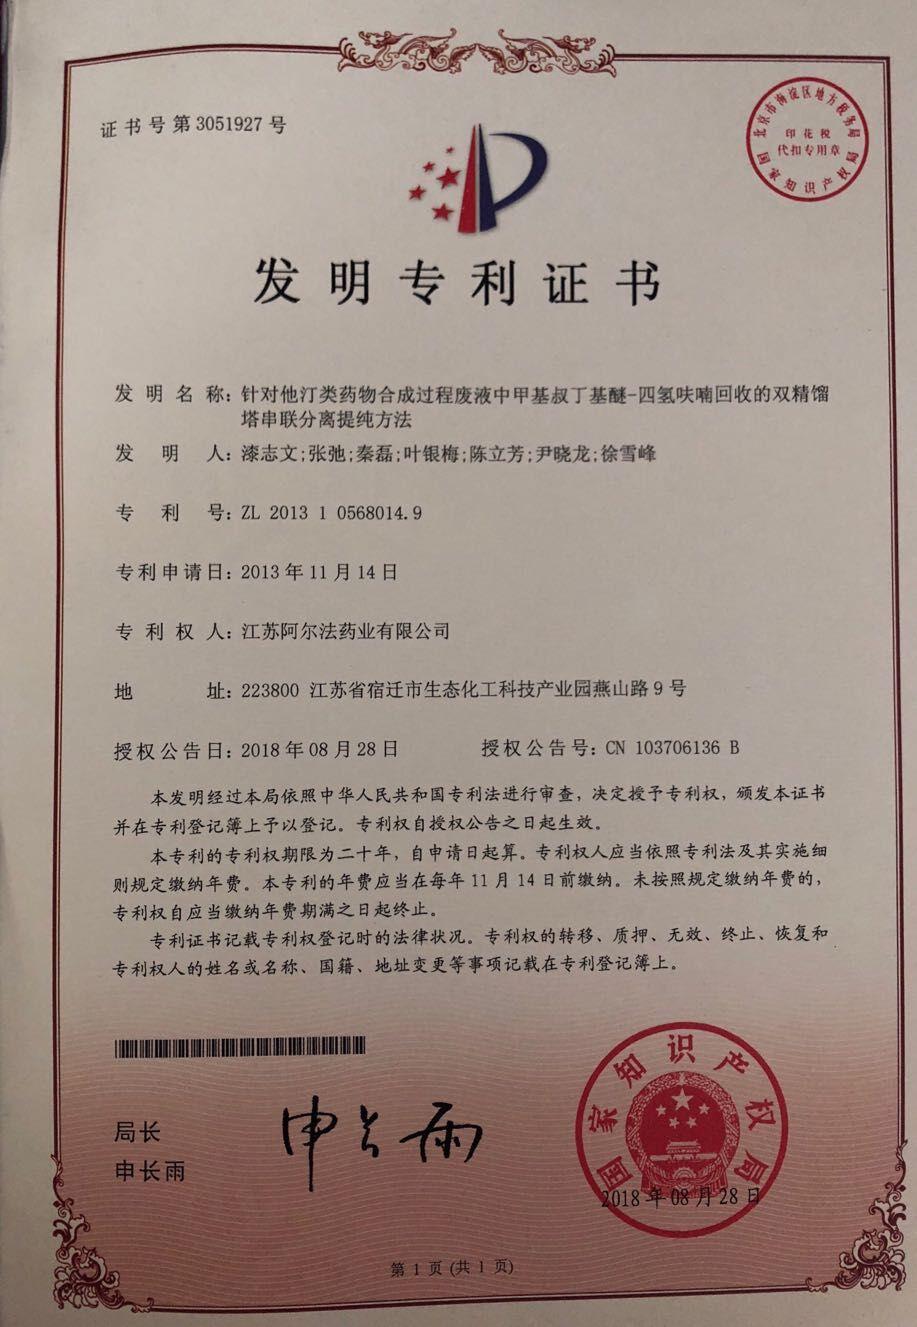 荣誉-专利-23.针对他汀类药物合成过程废液中甲基叔丁基醚-四氢呋喃回收的双精馏塔串联分离提纯方法